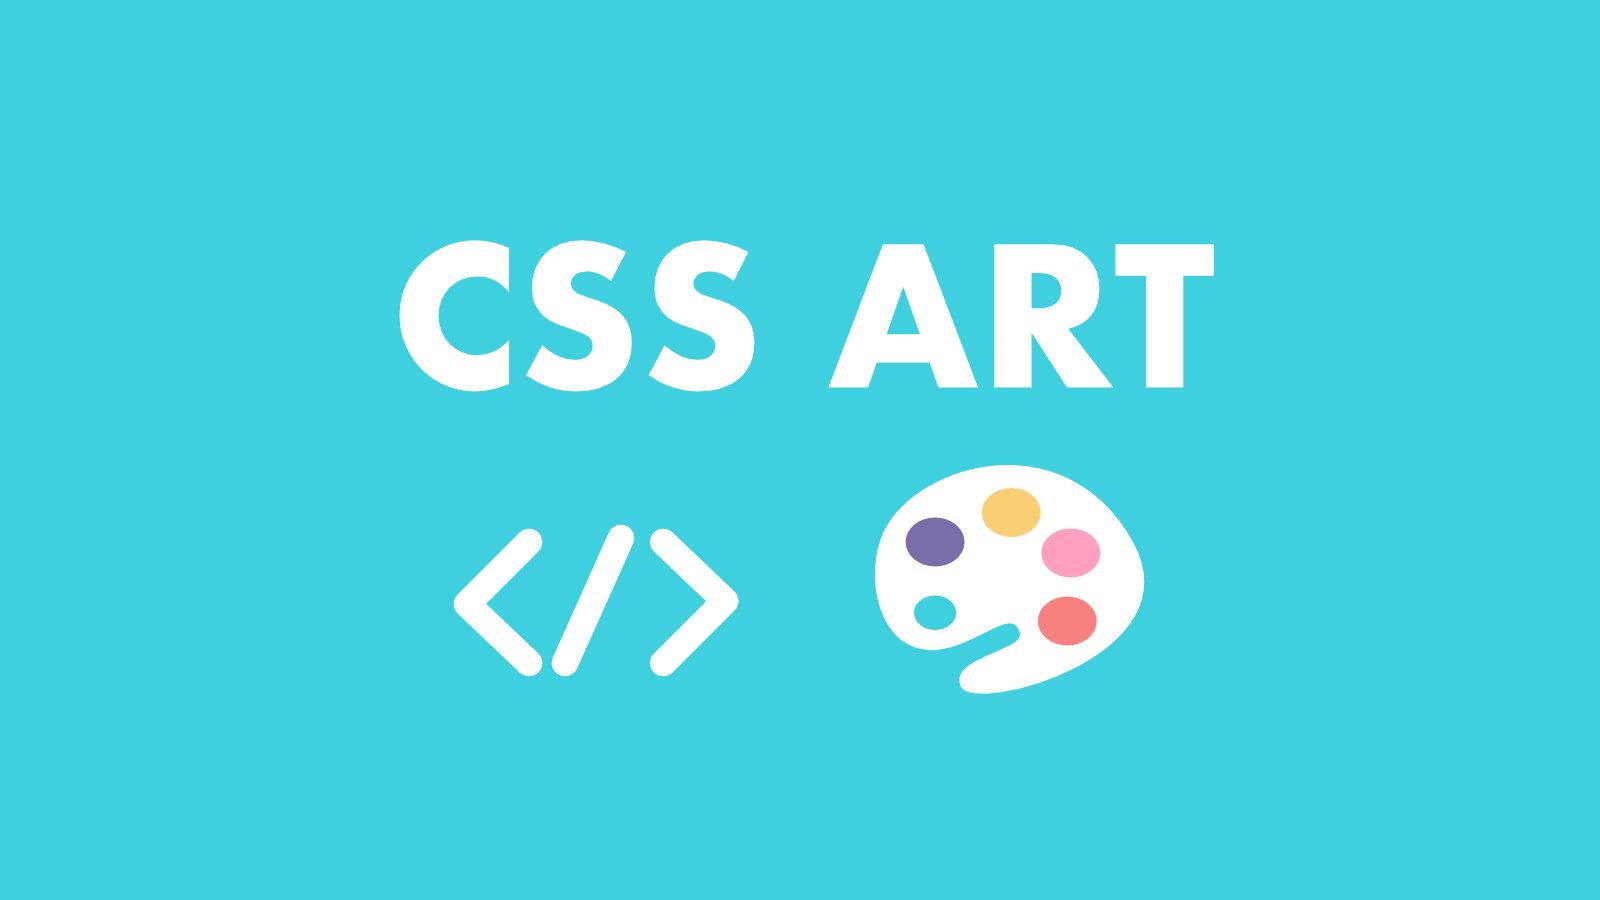 CSSアート – CSSが苦手な方におすすめする一つの練習方法